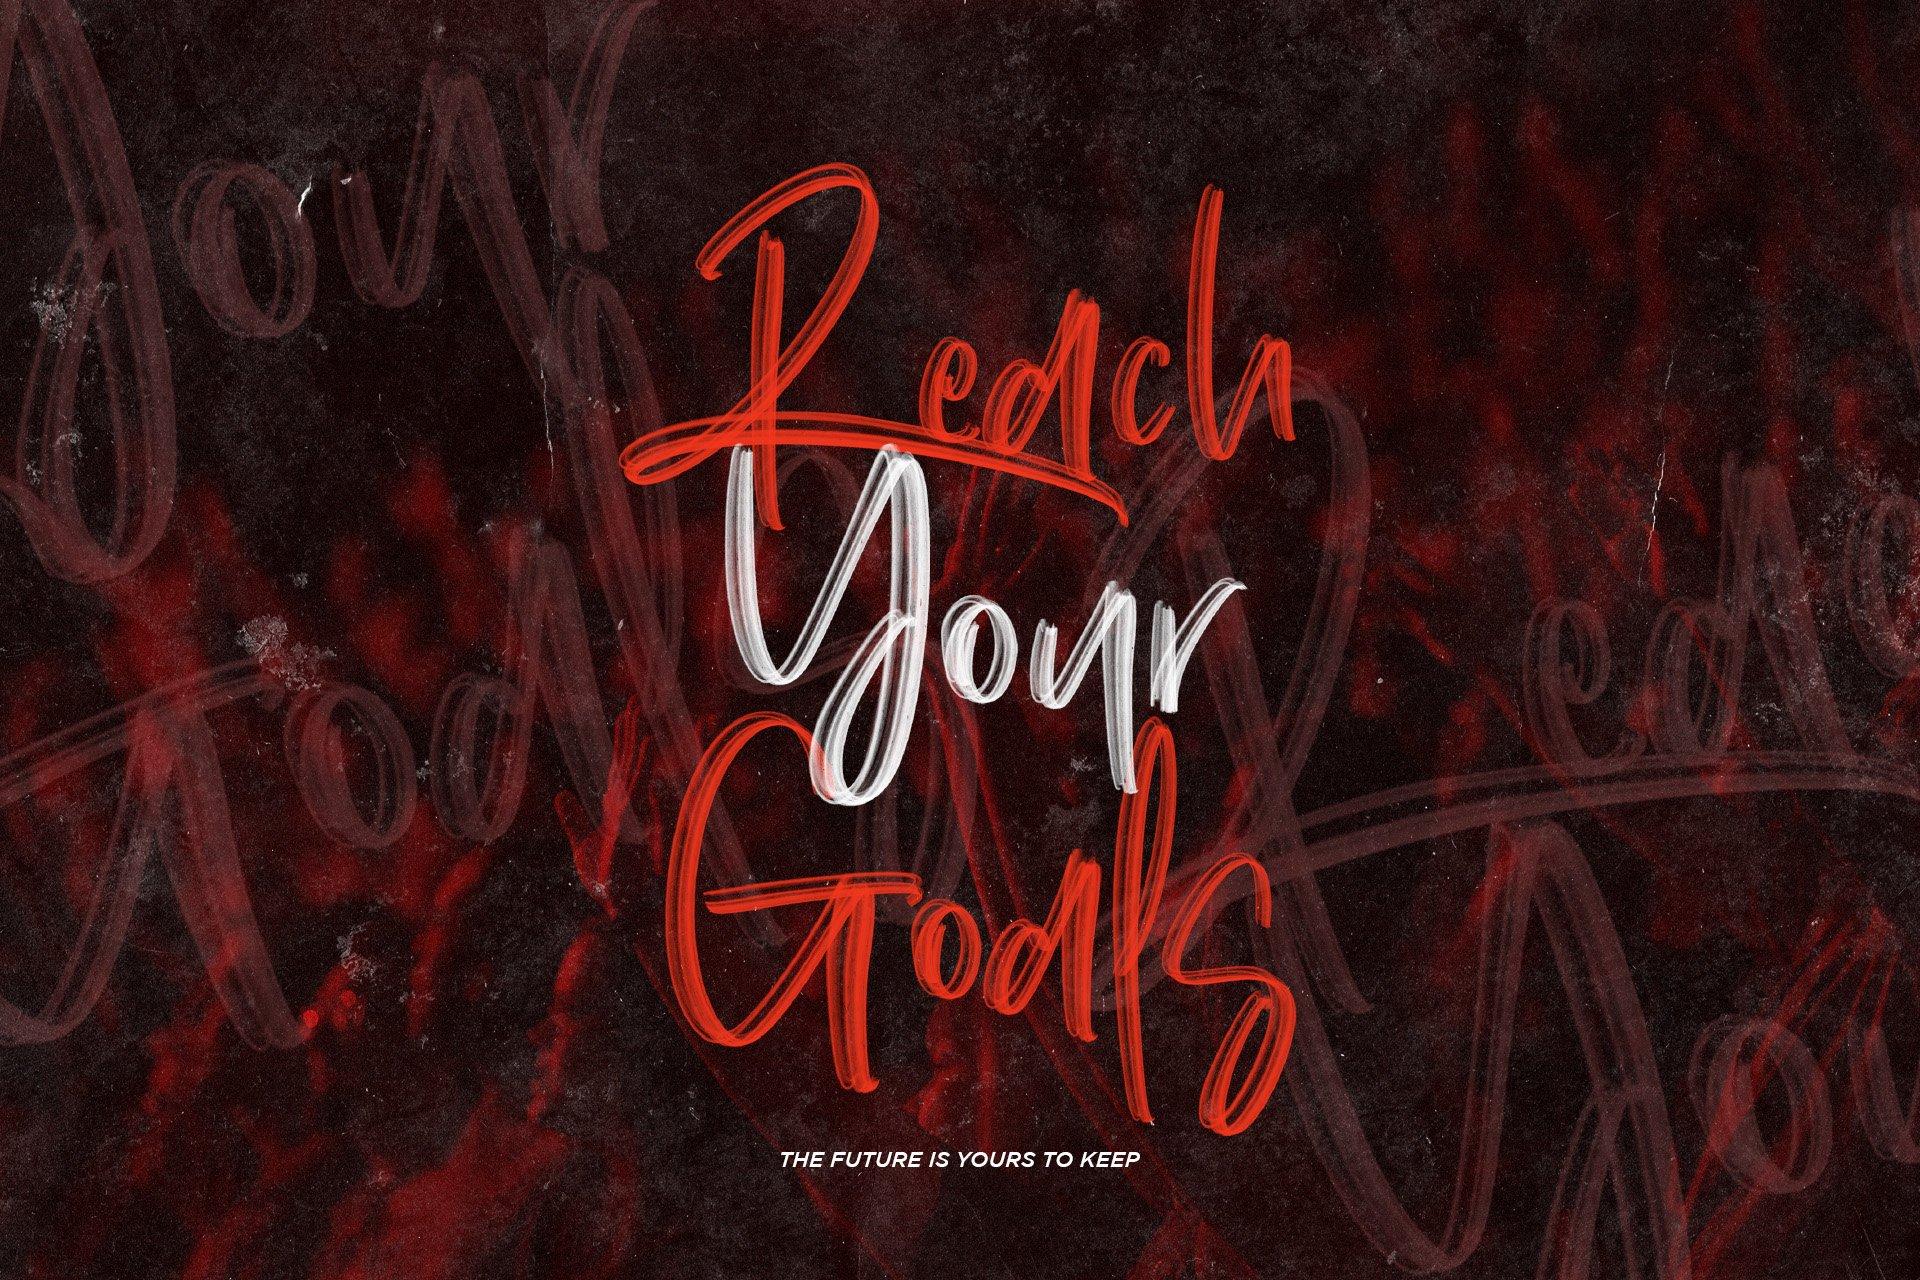 手写涂鸦书法笔刷杂志海报Logo标题英文字体设计素材 Dinomo SVG Brush Font插图4